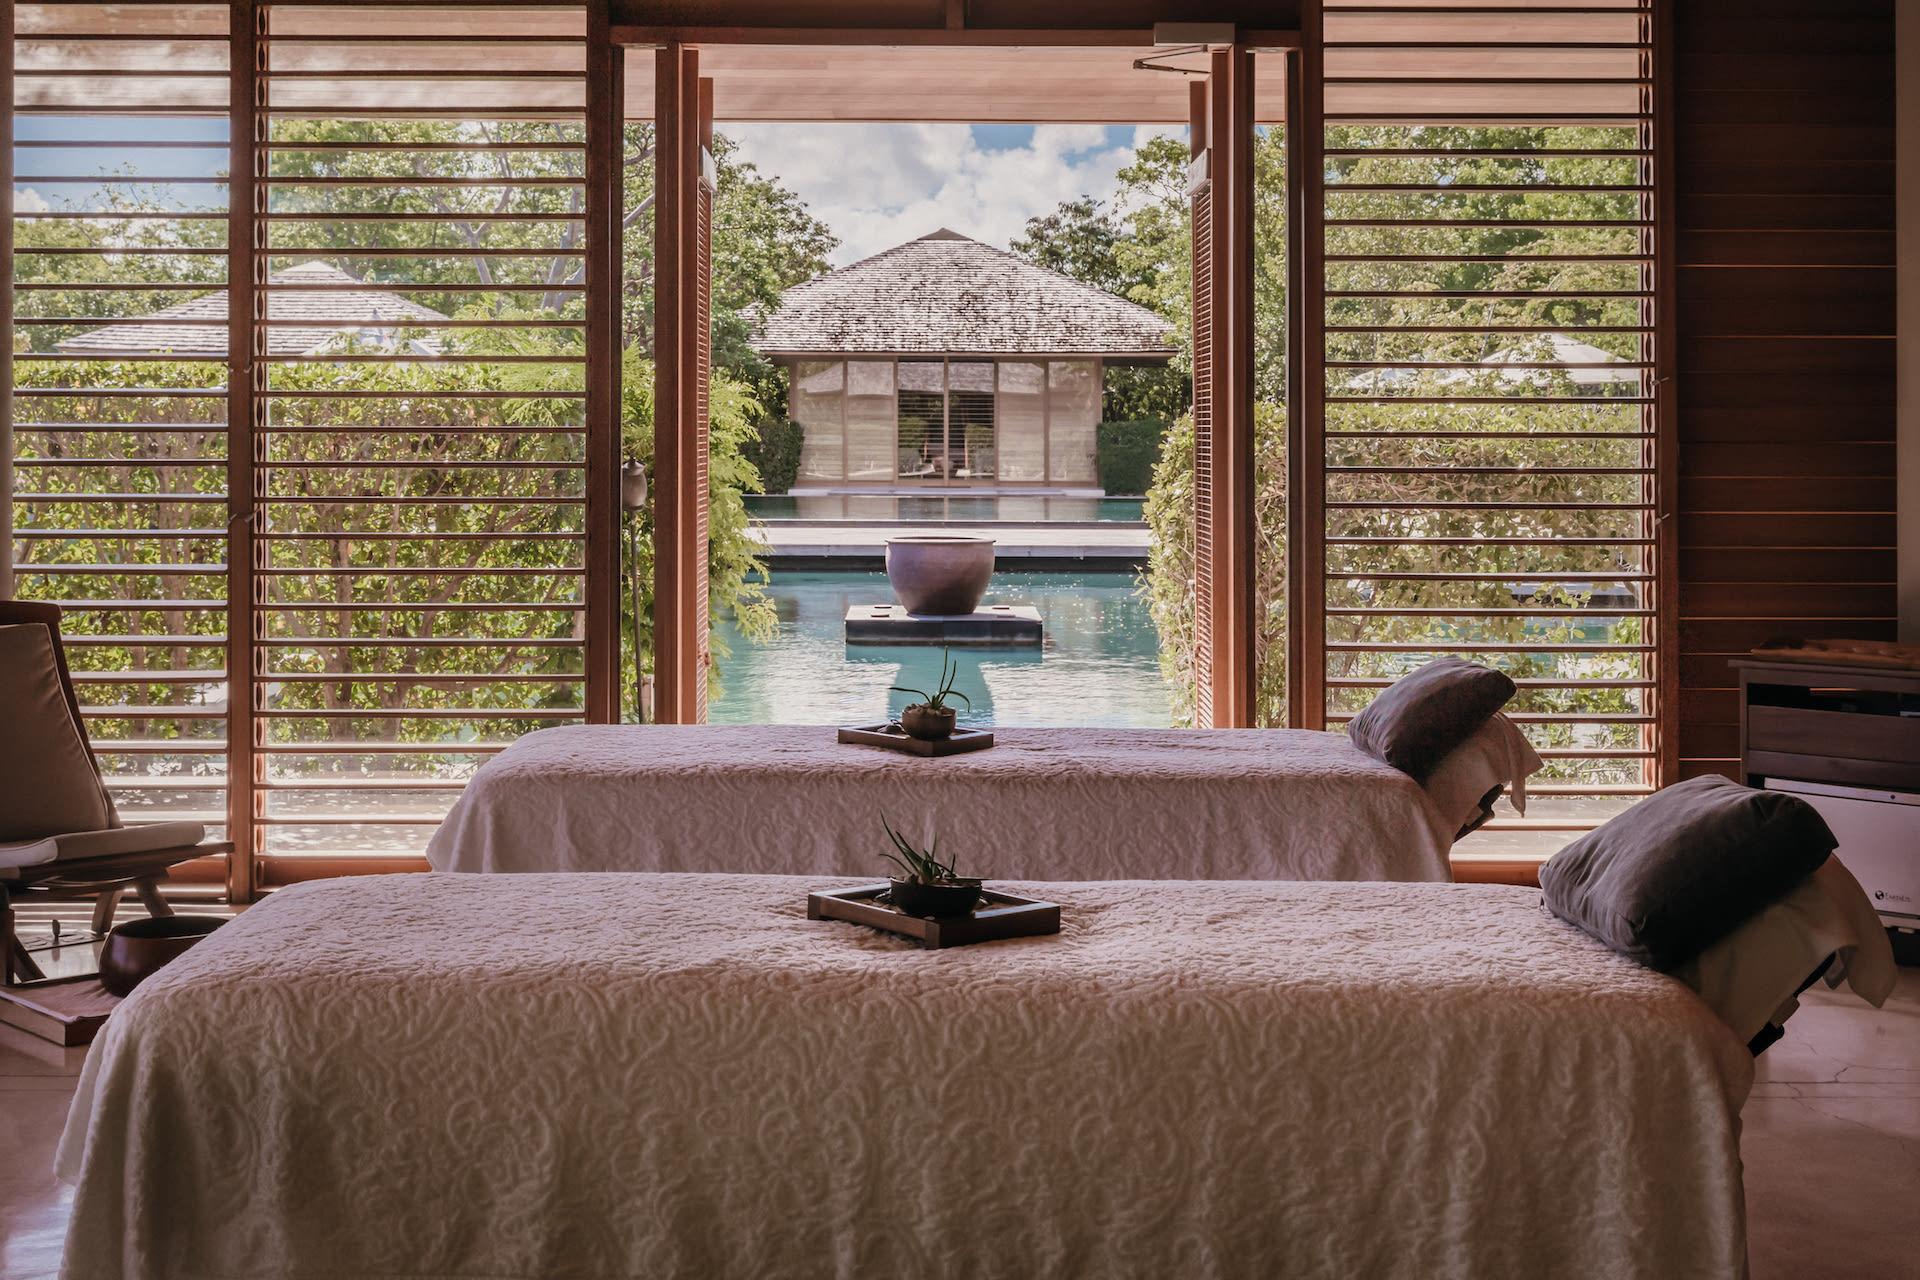 Aman eröffnet neues Luxushotel in Miami Beach 7